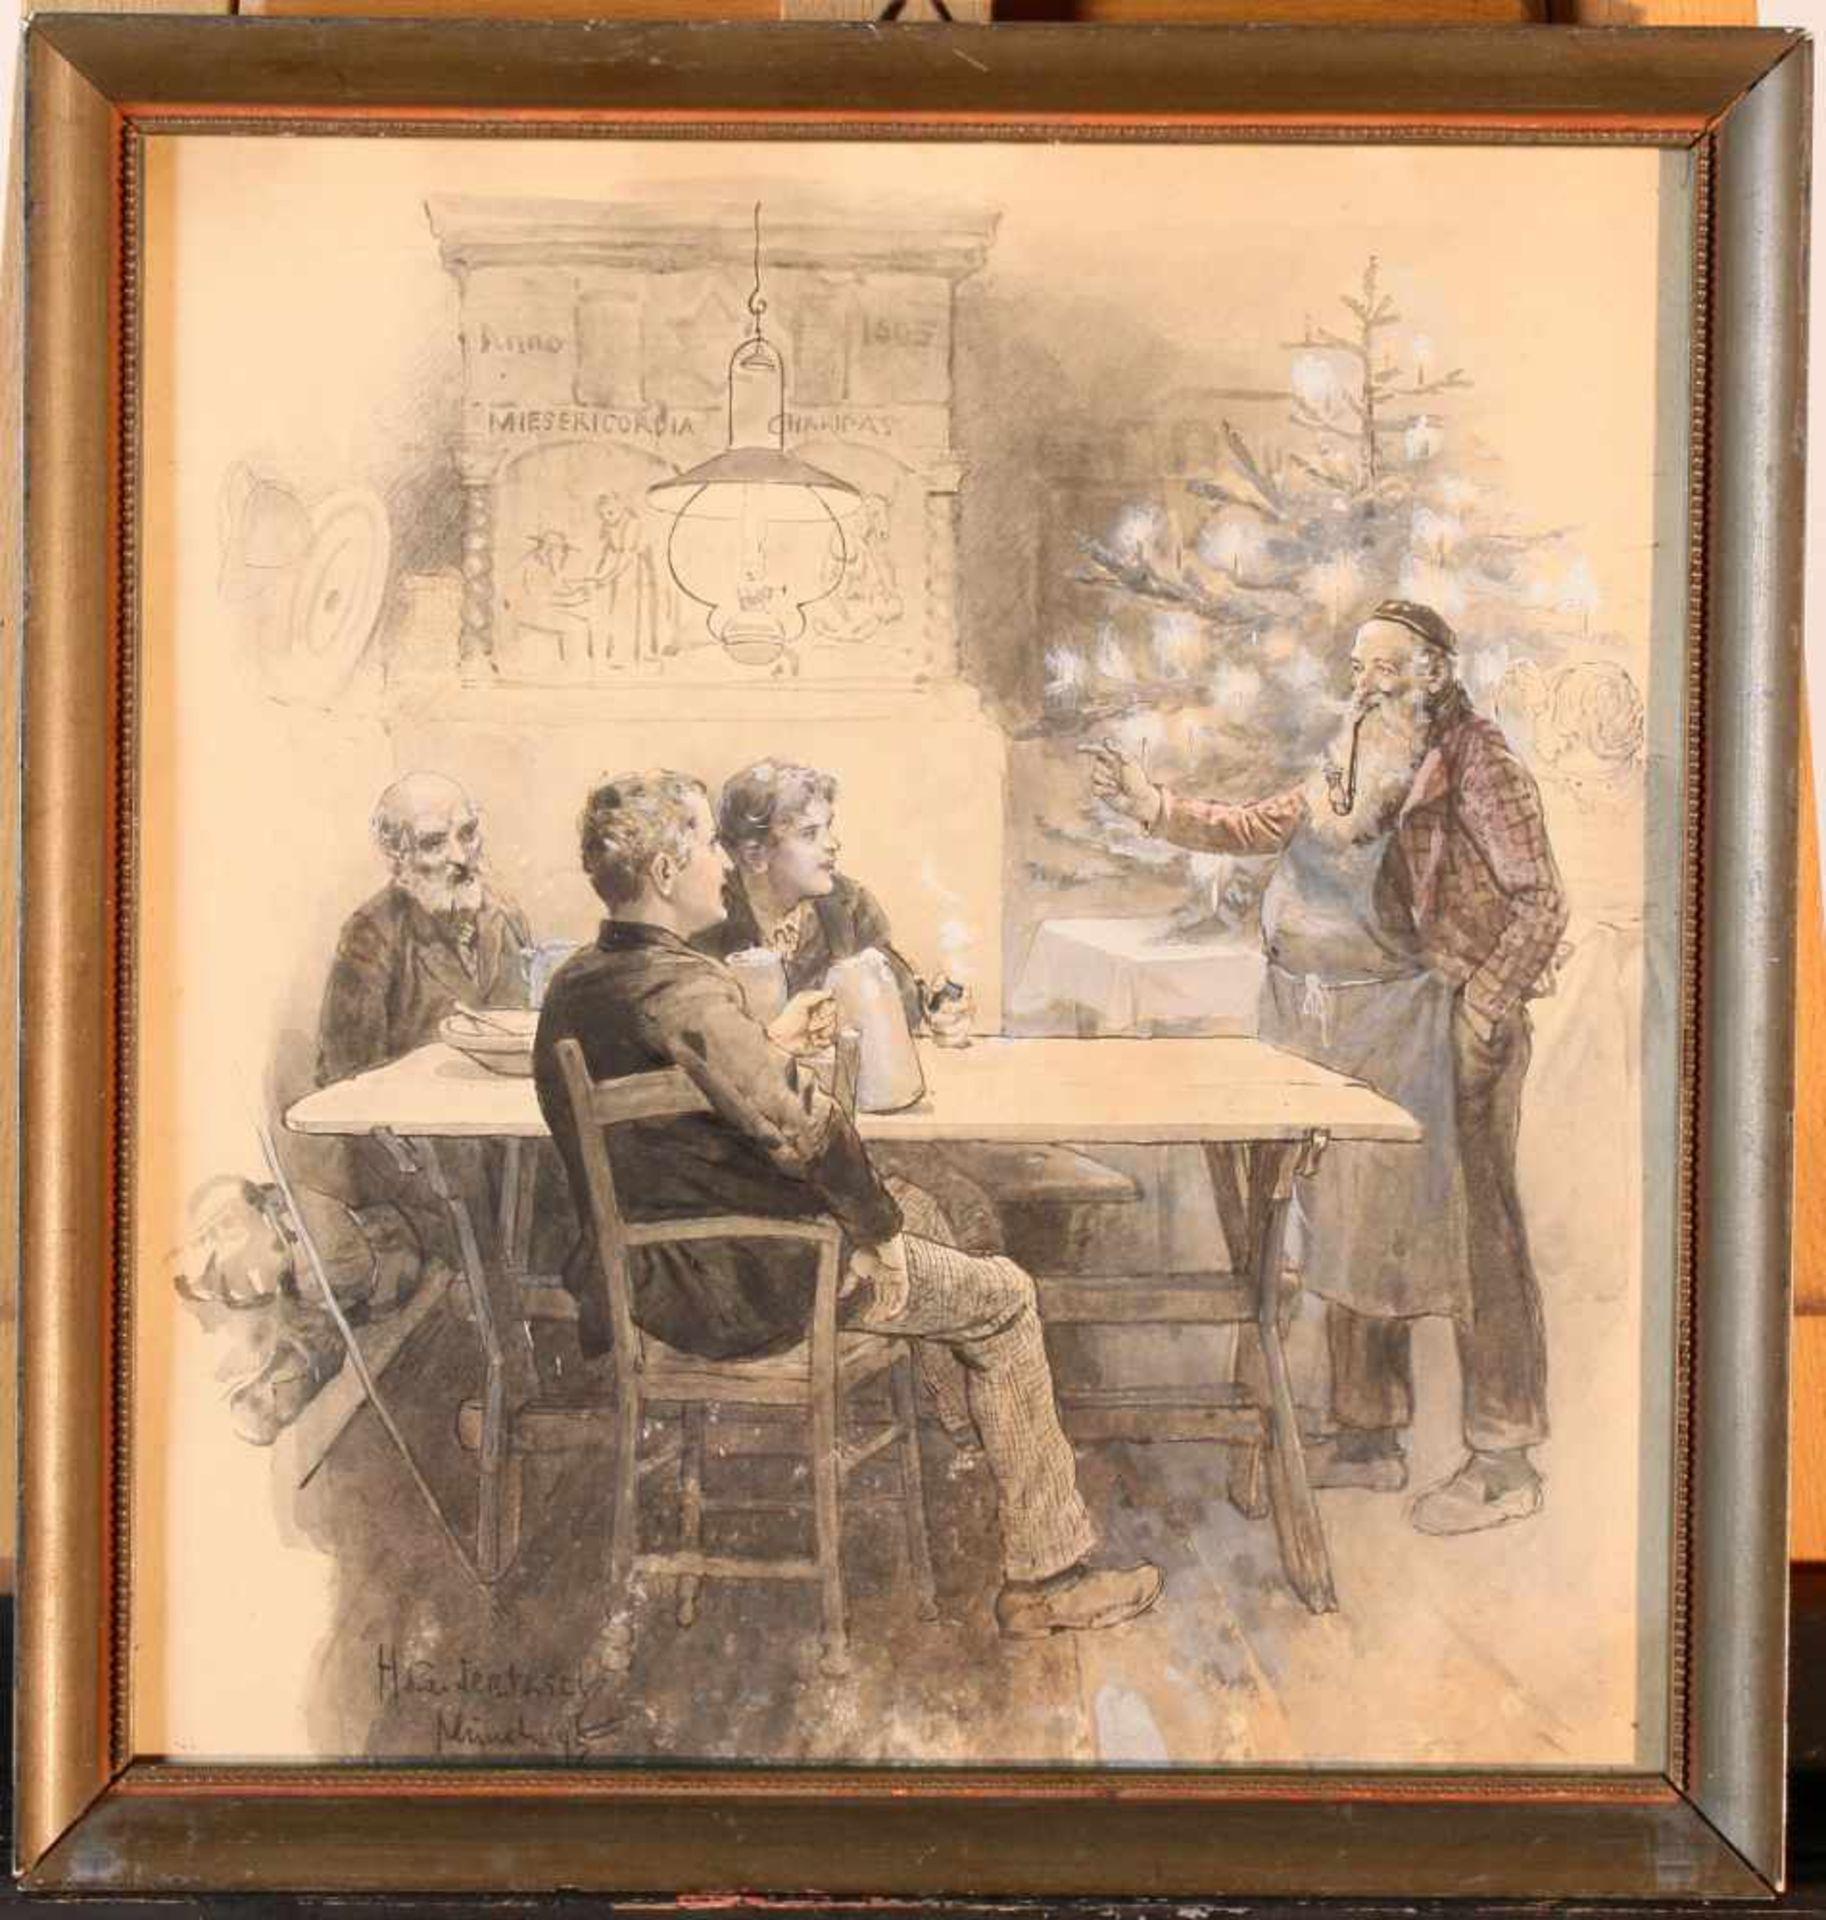 """""""Wirtshausszene zu Weihnachten"""" - Hans Gabriel Jentzsch (1862-1930)Zeichnung / Aquarell, weiß - Bild 2 aus 2"""